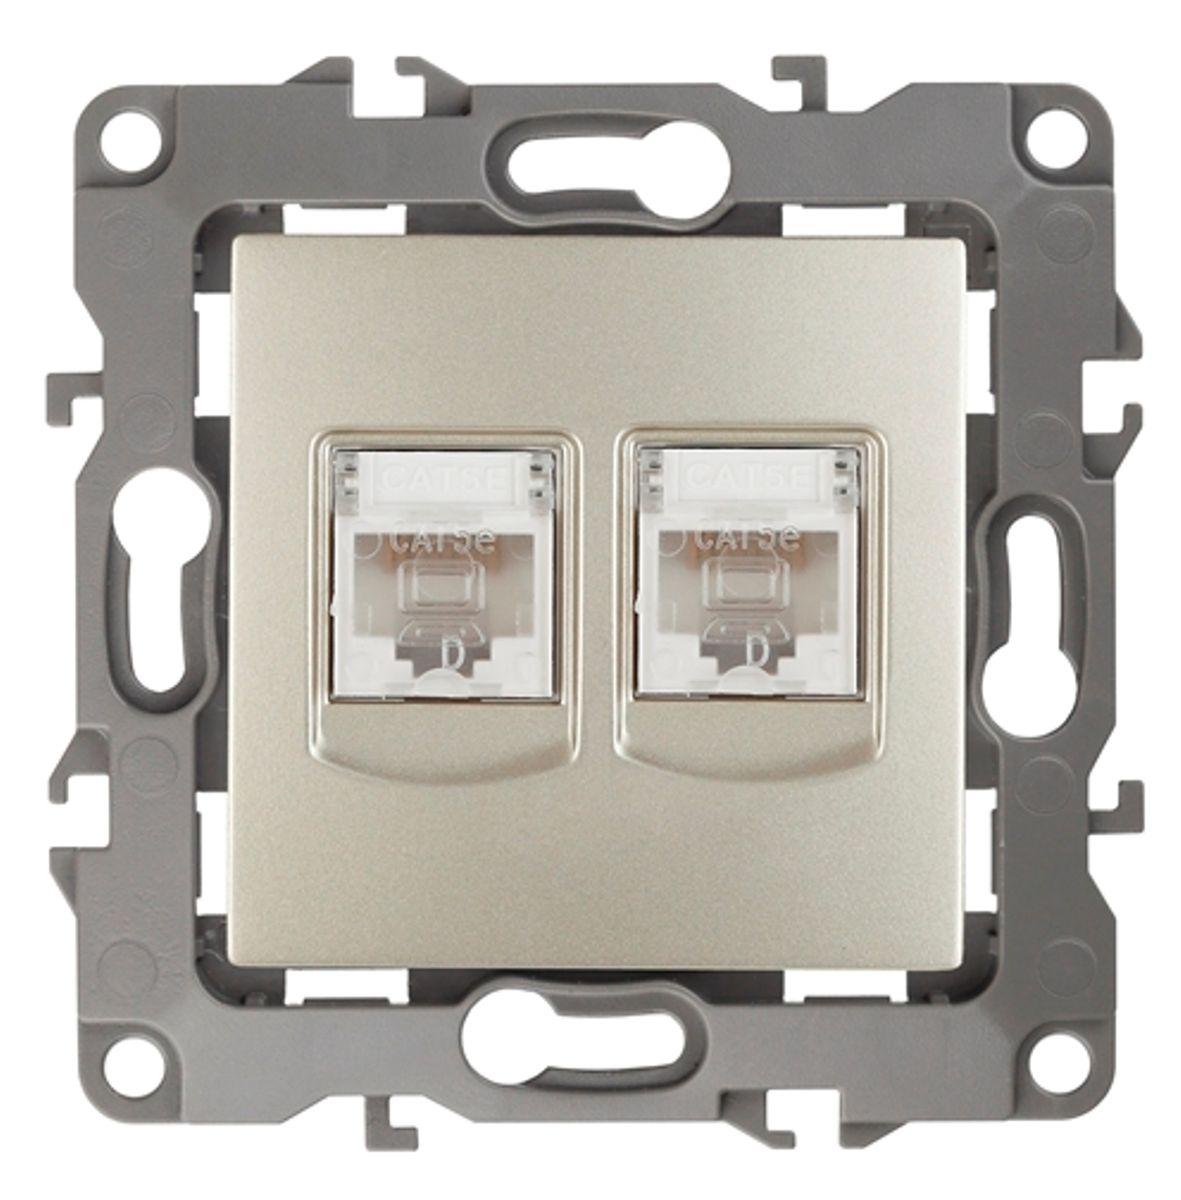 Розетка информационная Эра, двойная, цвет: шампань12-3108-04Двойная информационная розетка Эра скрытой установки, категории 5е, имеет бронзовые контакты, фиксаторы модулей и защитные прозрачные крышки. Предназначена для установки в телекоммуникационных сетях и служит для подключения к локальным сетям, сети интернет и для подсоединения внешних устройств (телефон, факс и прочее). Автоматические зажимы кабеля обеспечивают быстрый и надежный монтаж изделия к электросети без отвертки и не требуют обслуживания в отличие от винтовых зажимов.